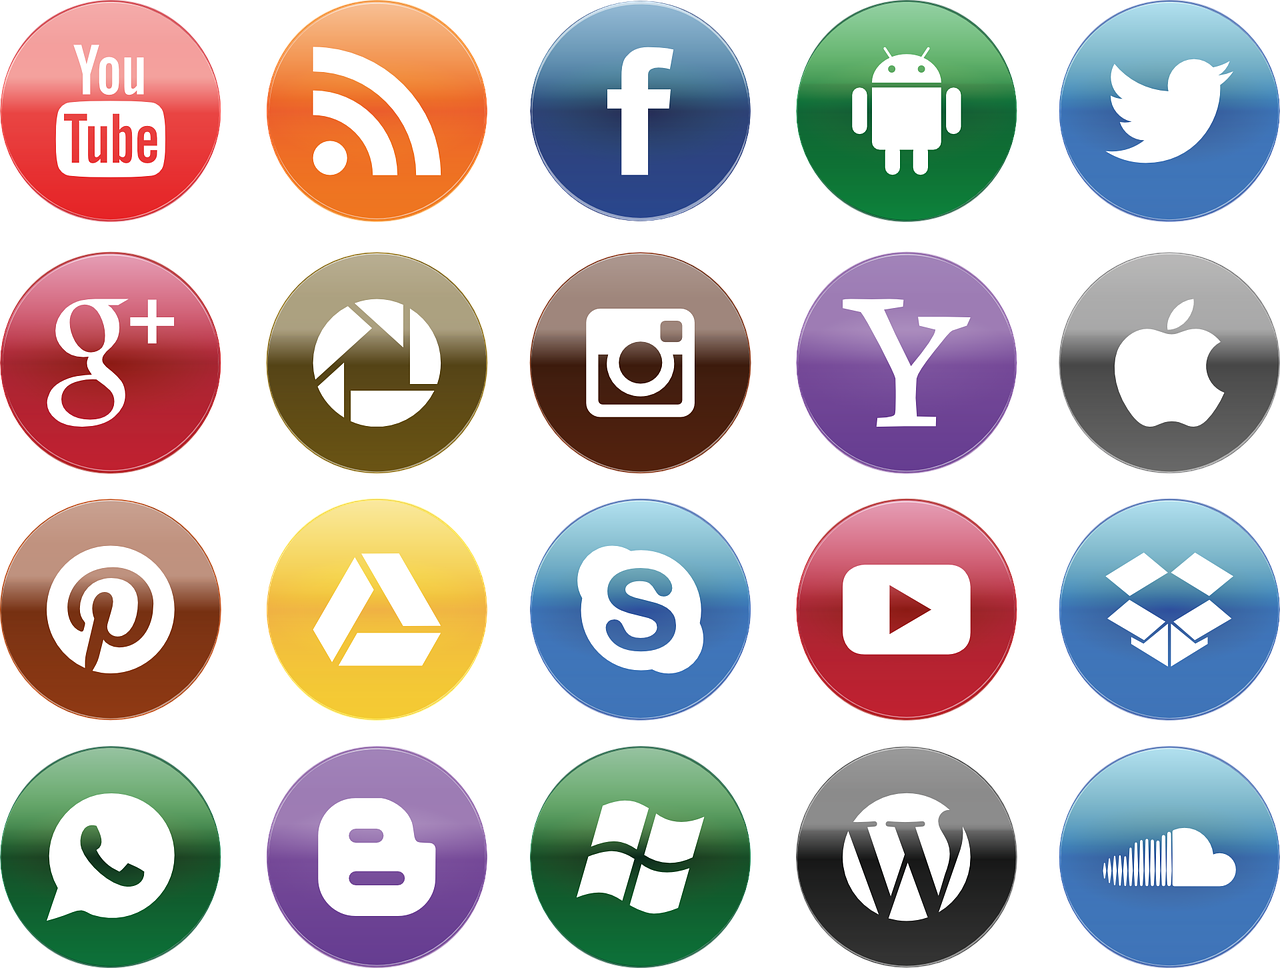 Création d'un site Internet Clichy avec WordPress